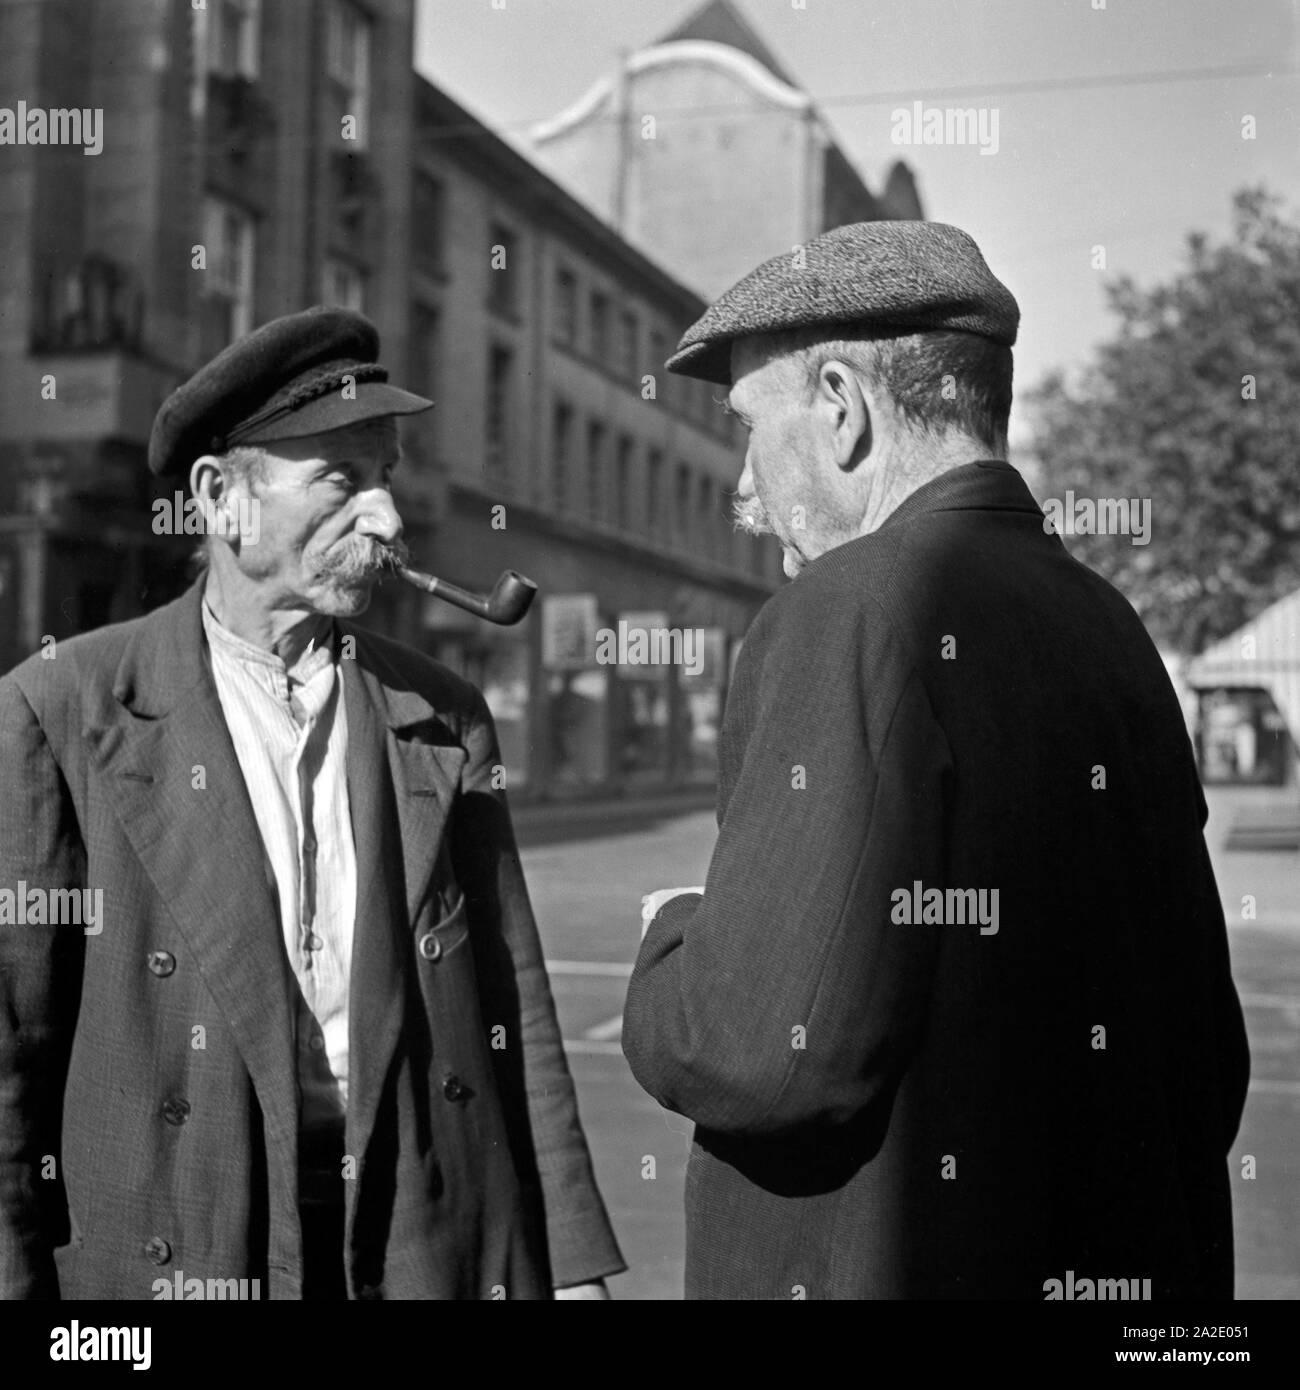 Zwei alte Herren bei einer Unterhaltung in Düsseldorf, Deutschland 1930er Jahre. Zwei ältere Männer mit einem Chat in Duesseldorf, Deutschland 1930. Stockfoto